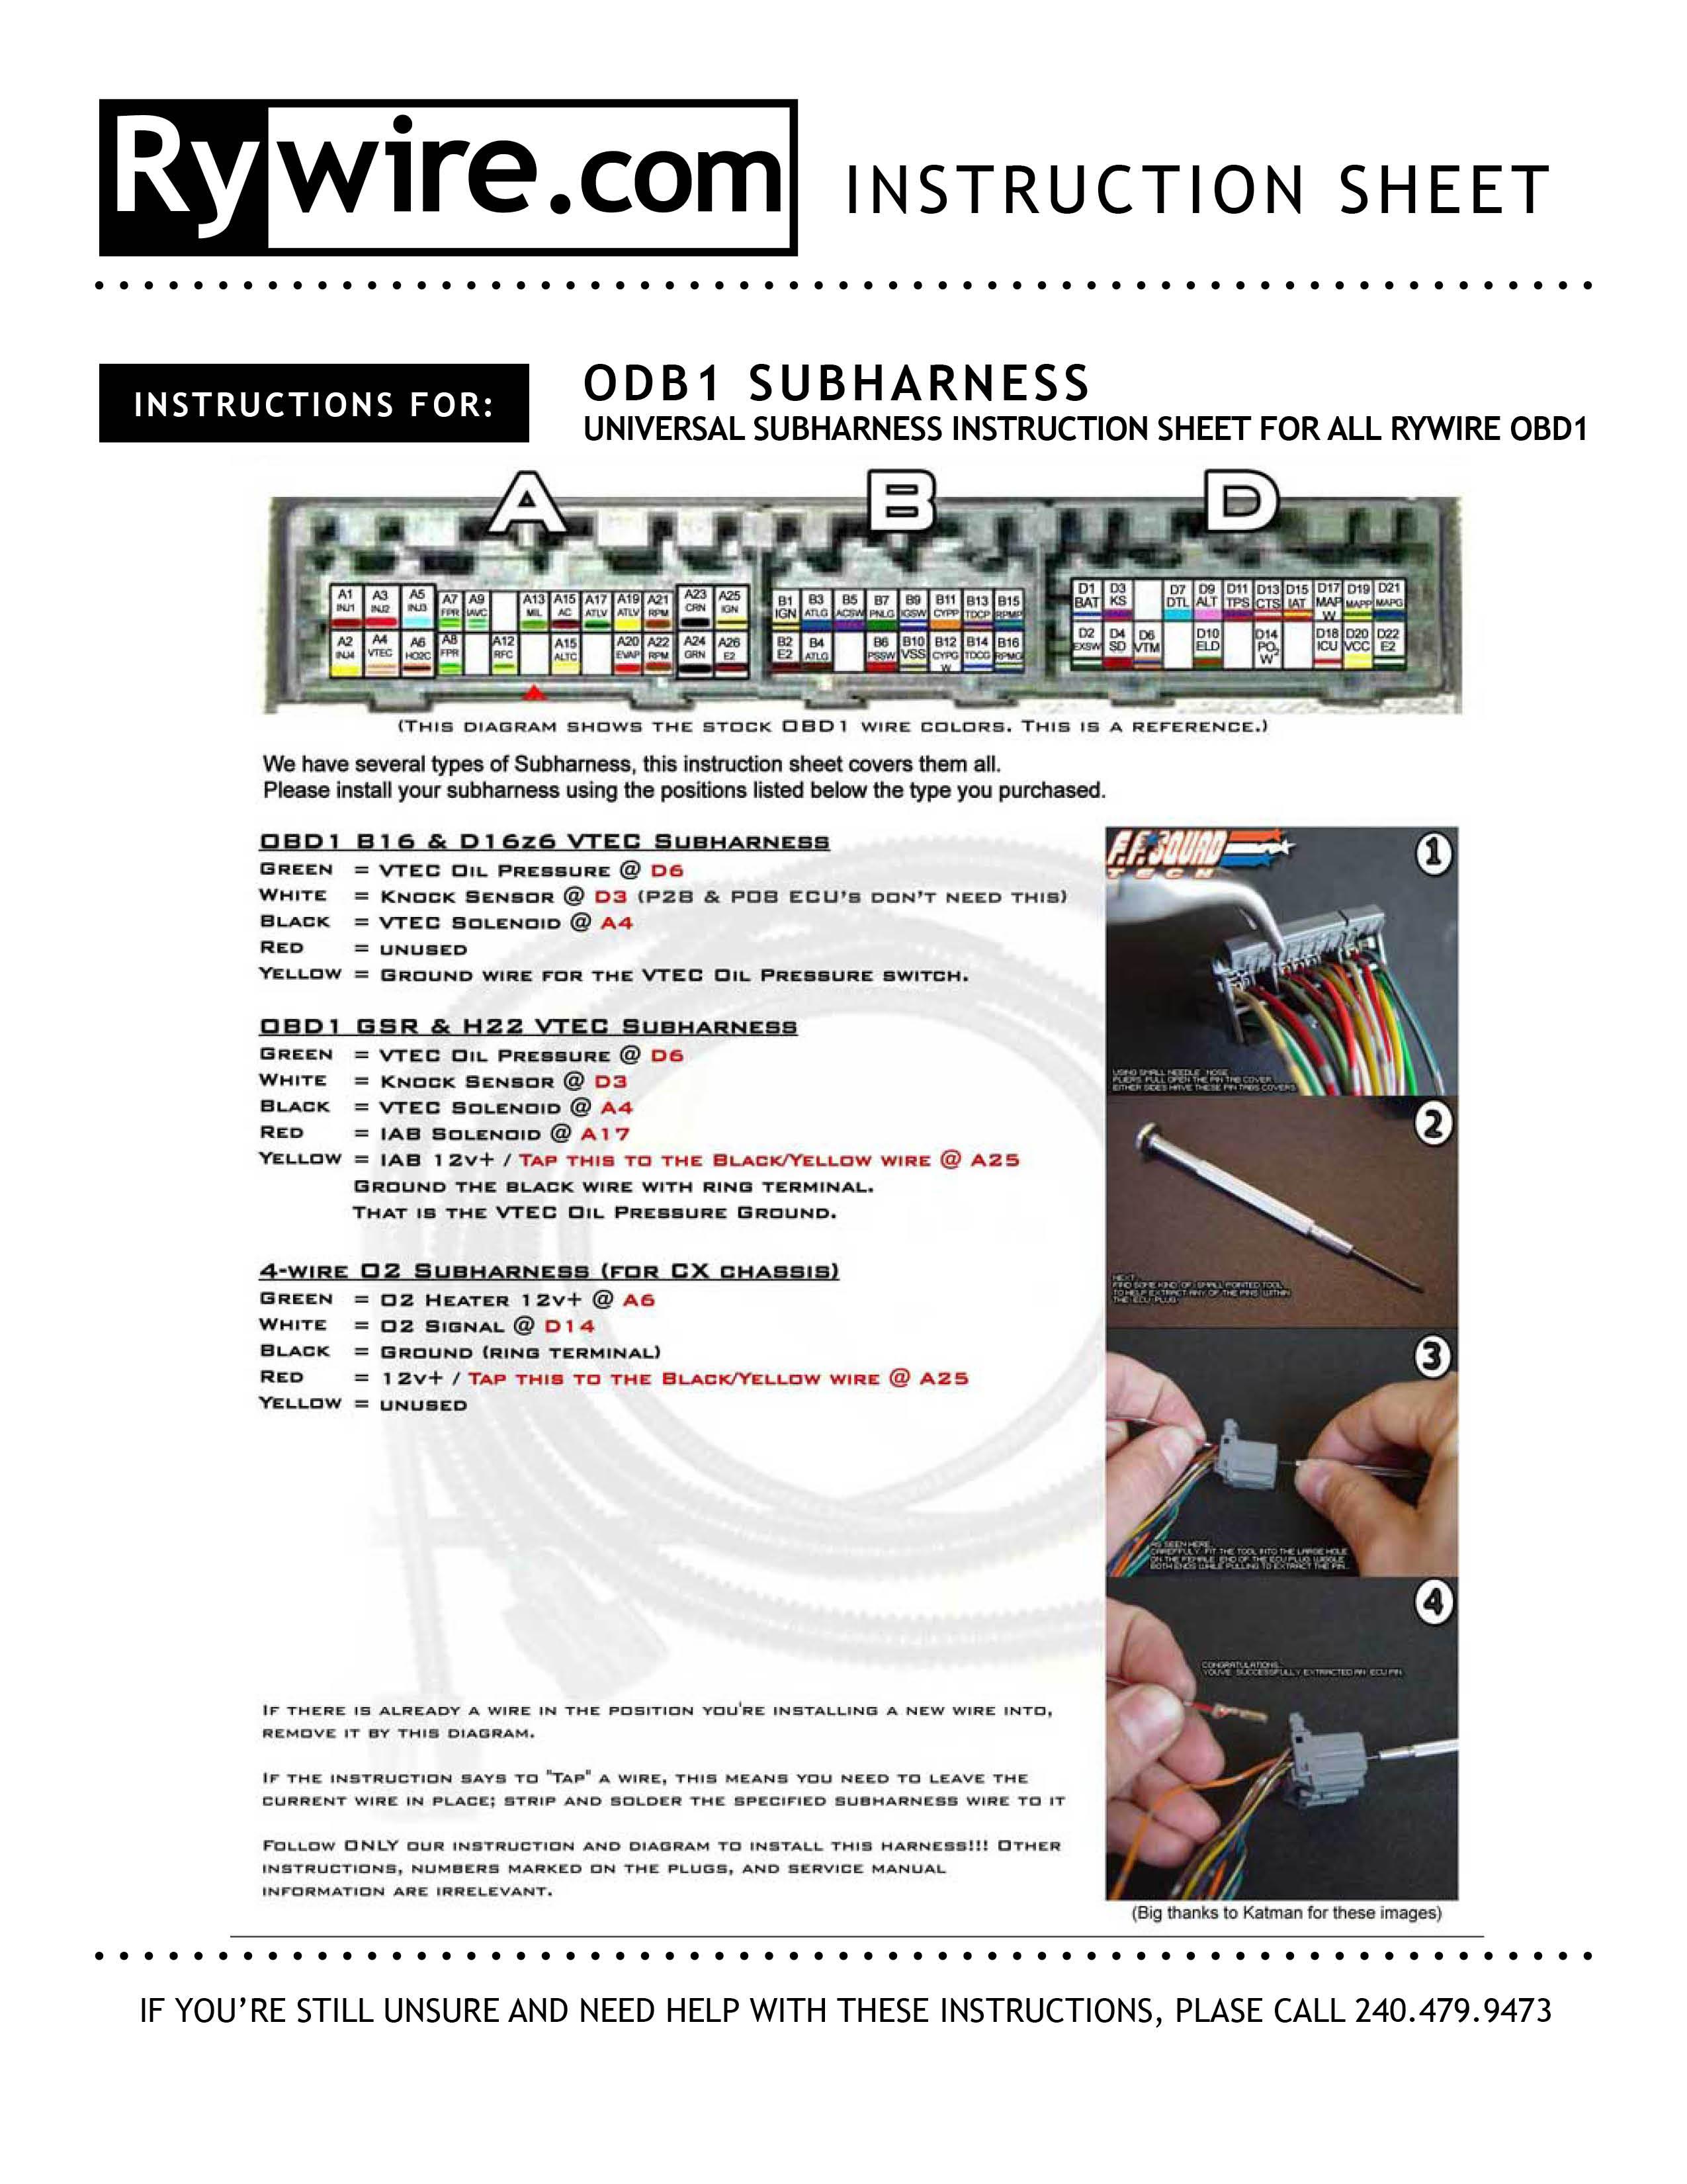 OBD1 & OBD2 VTEC Subharness